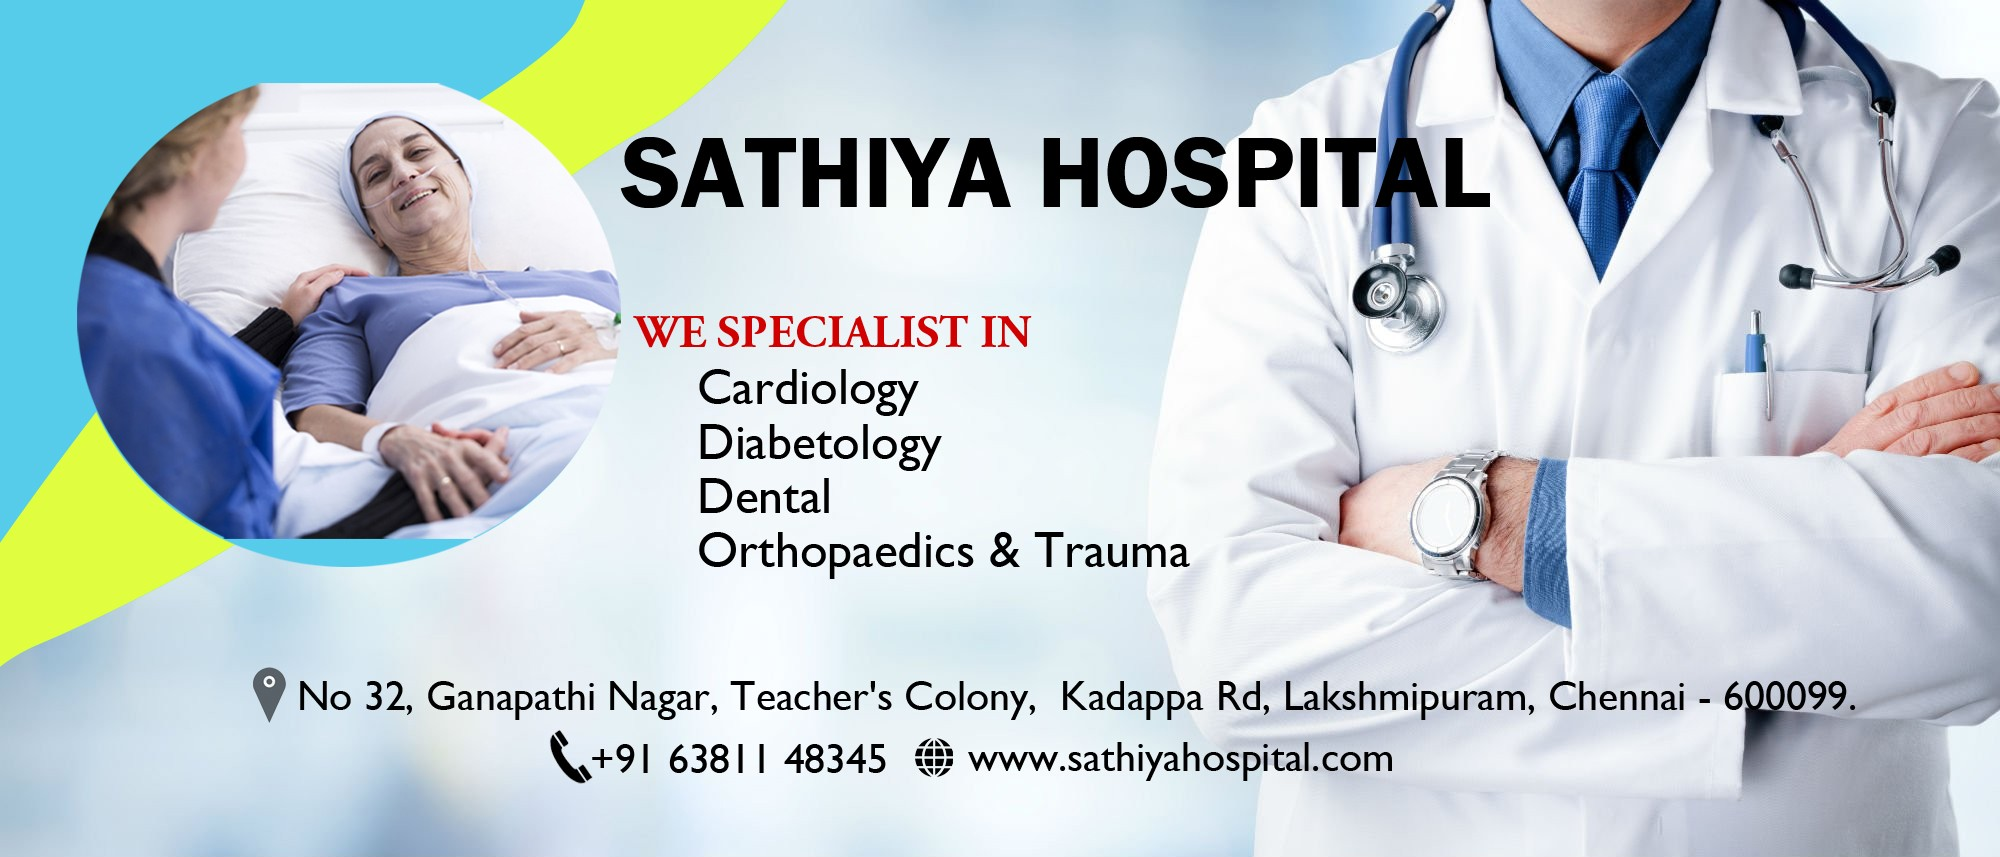 Sathiya Hospital